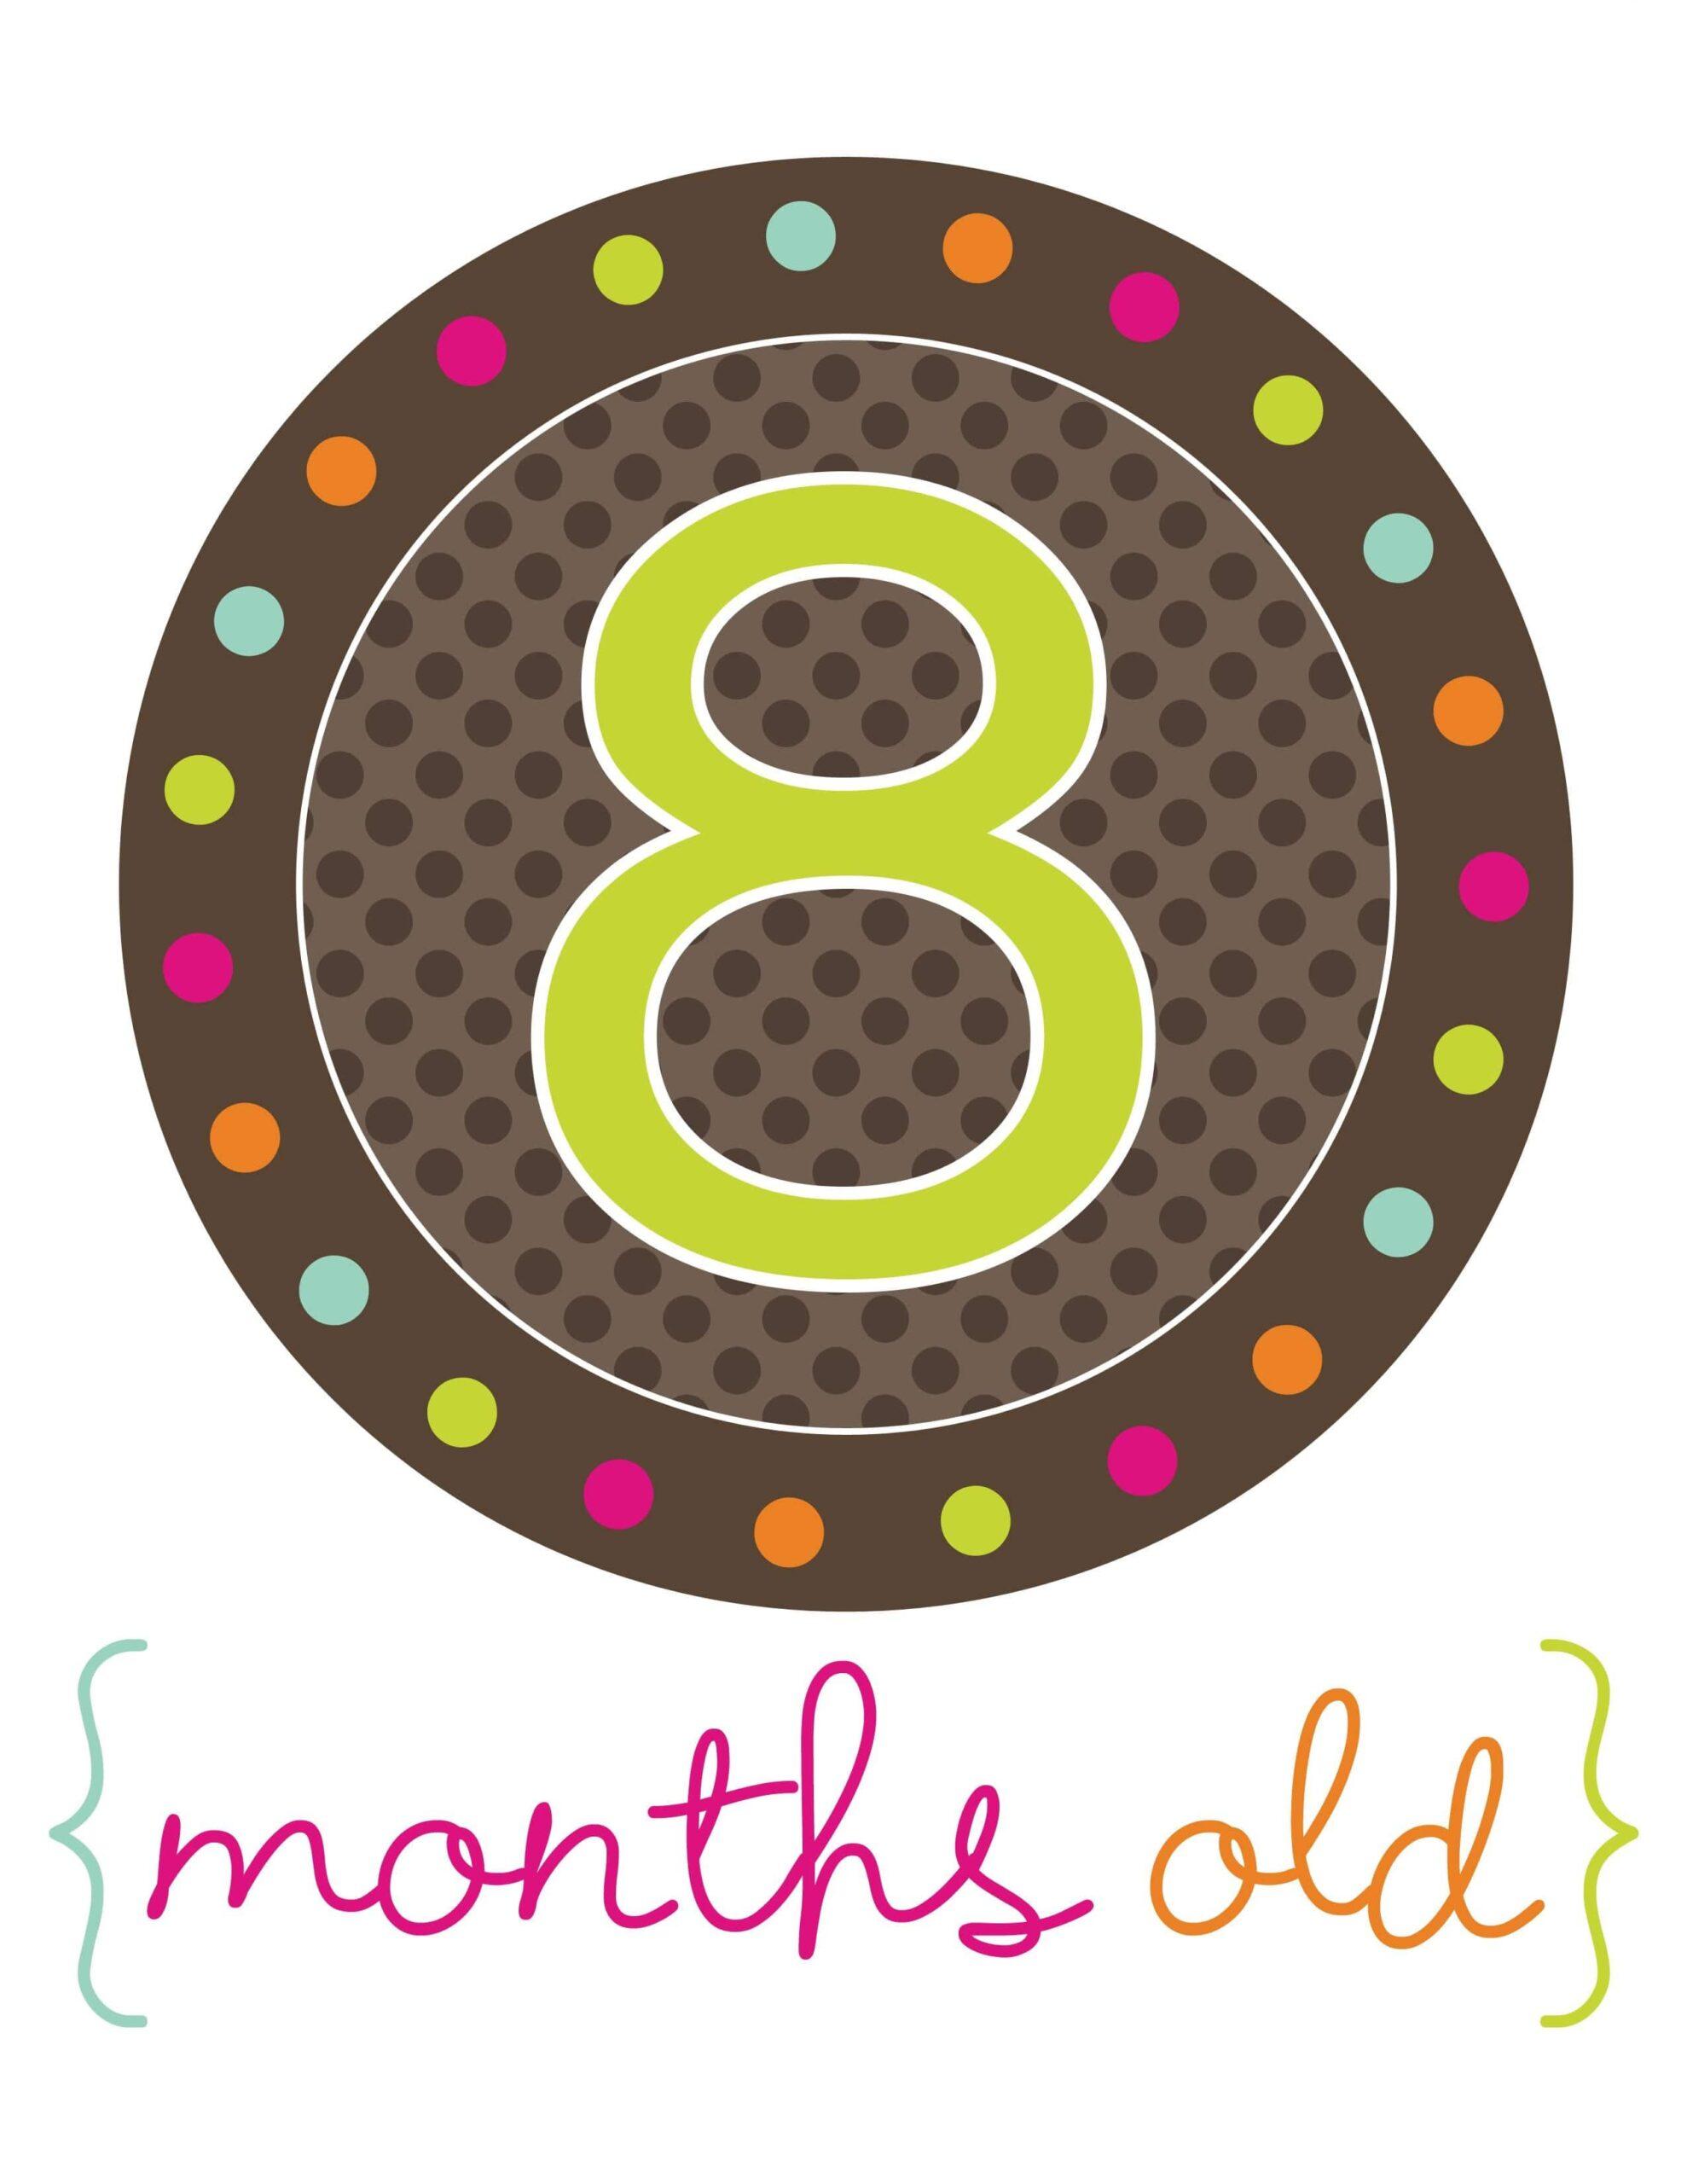 стикер для фотосессий 8 месяцев